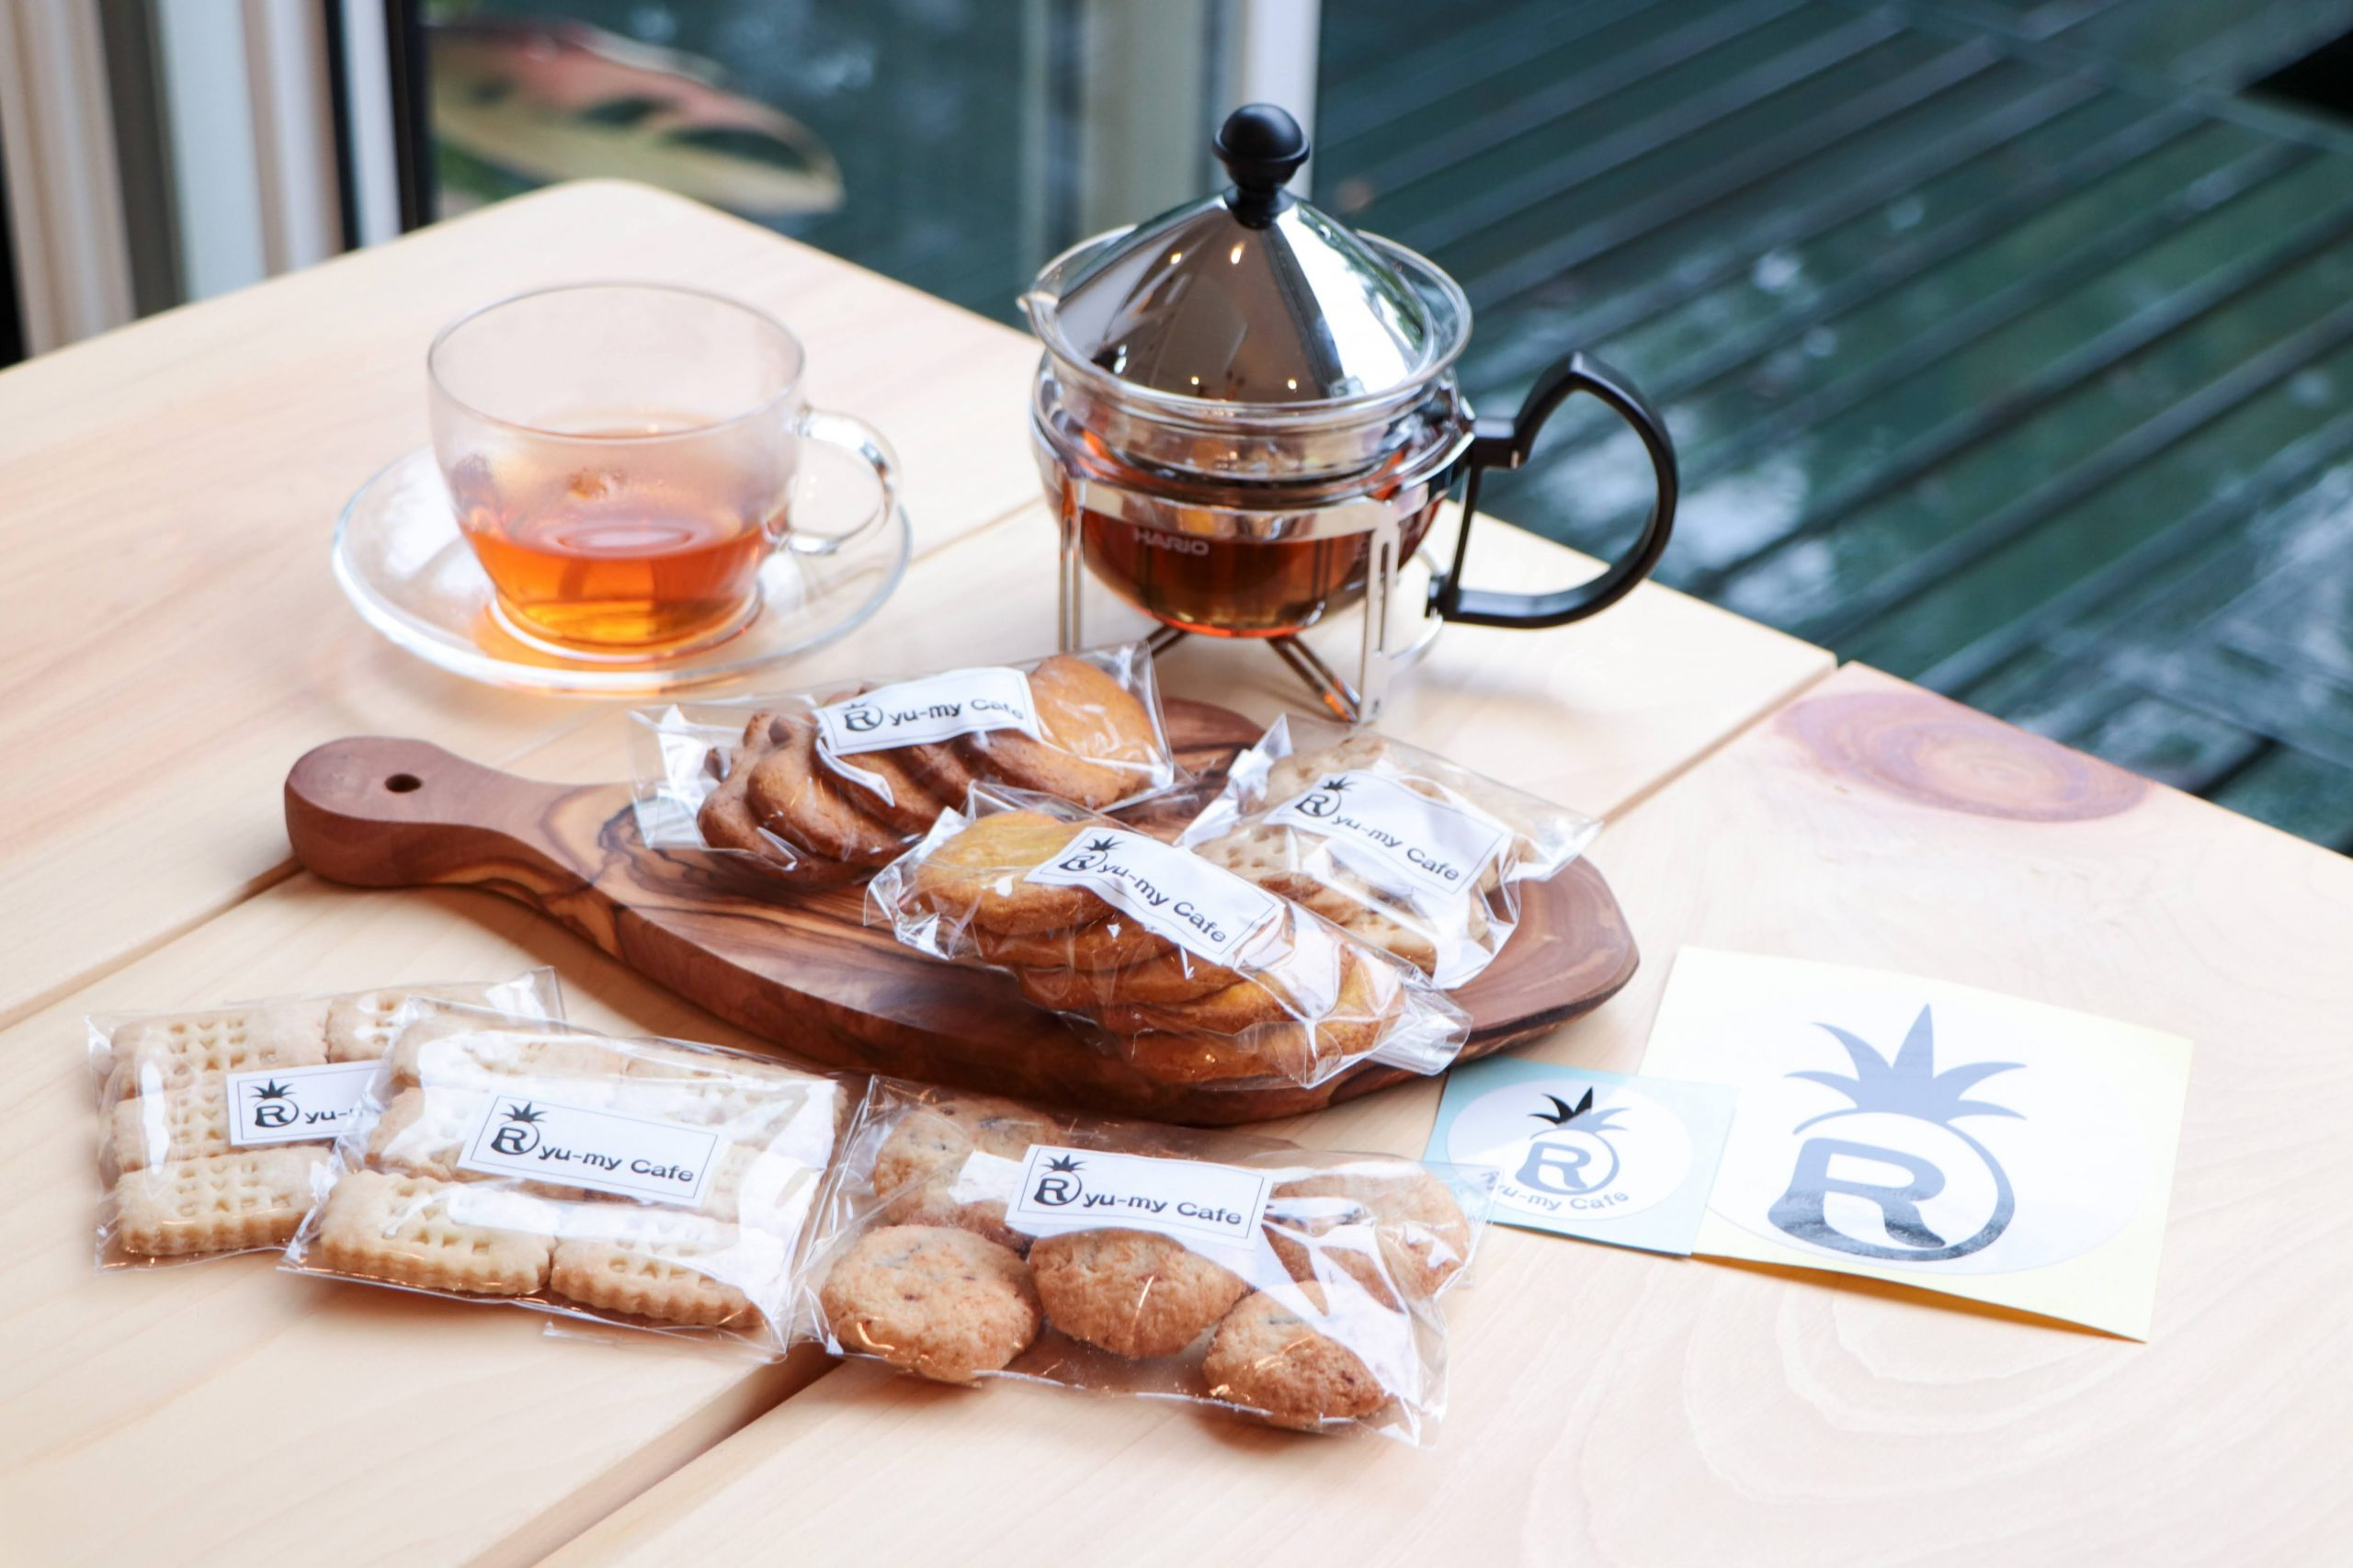 幻のプリン? 群馬県太田市のハワイ感溢れる気さくな雰囲気の人気のオーガニックカフェ『Ryu-my Cafe』さん